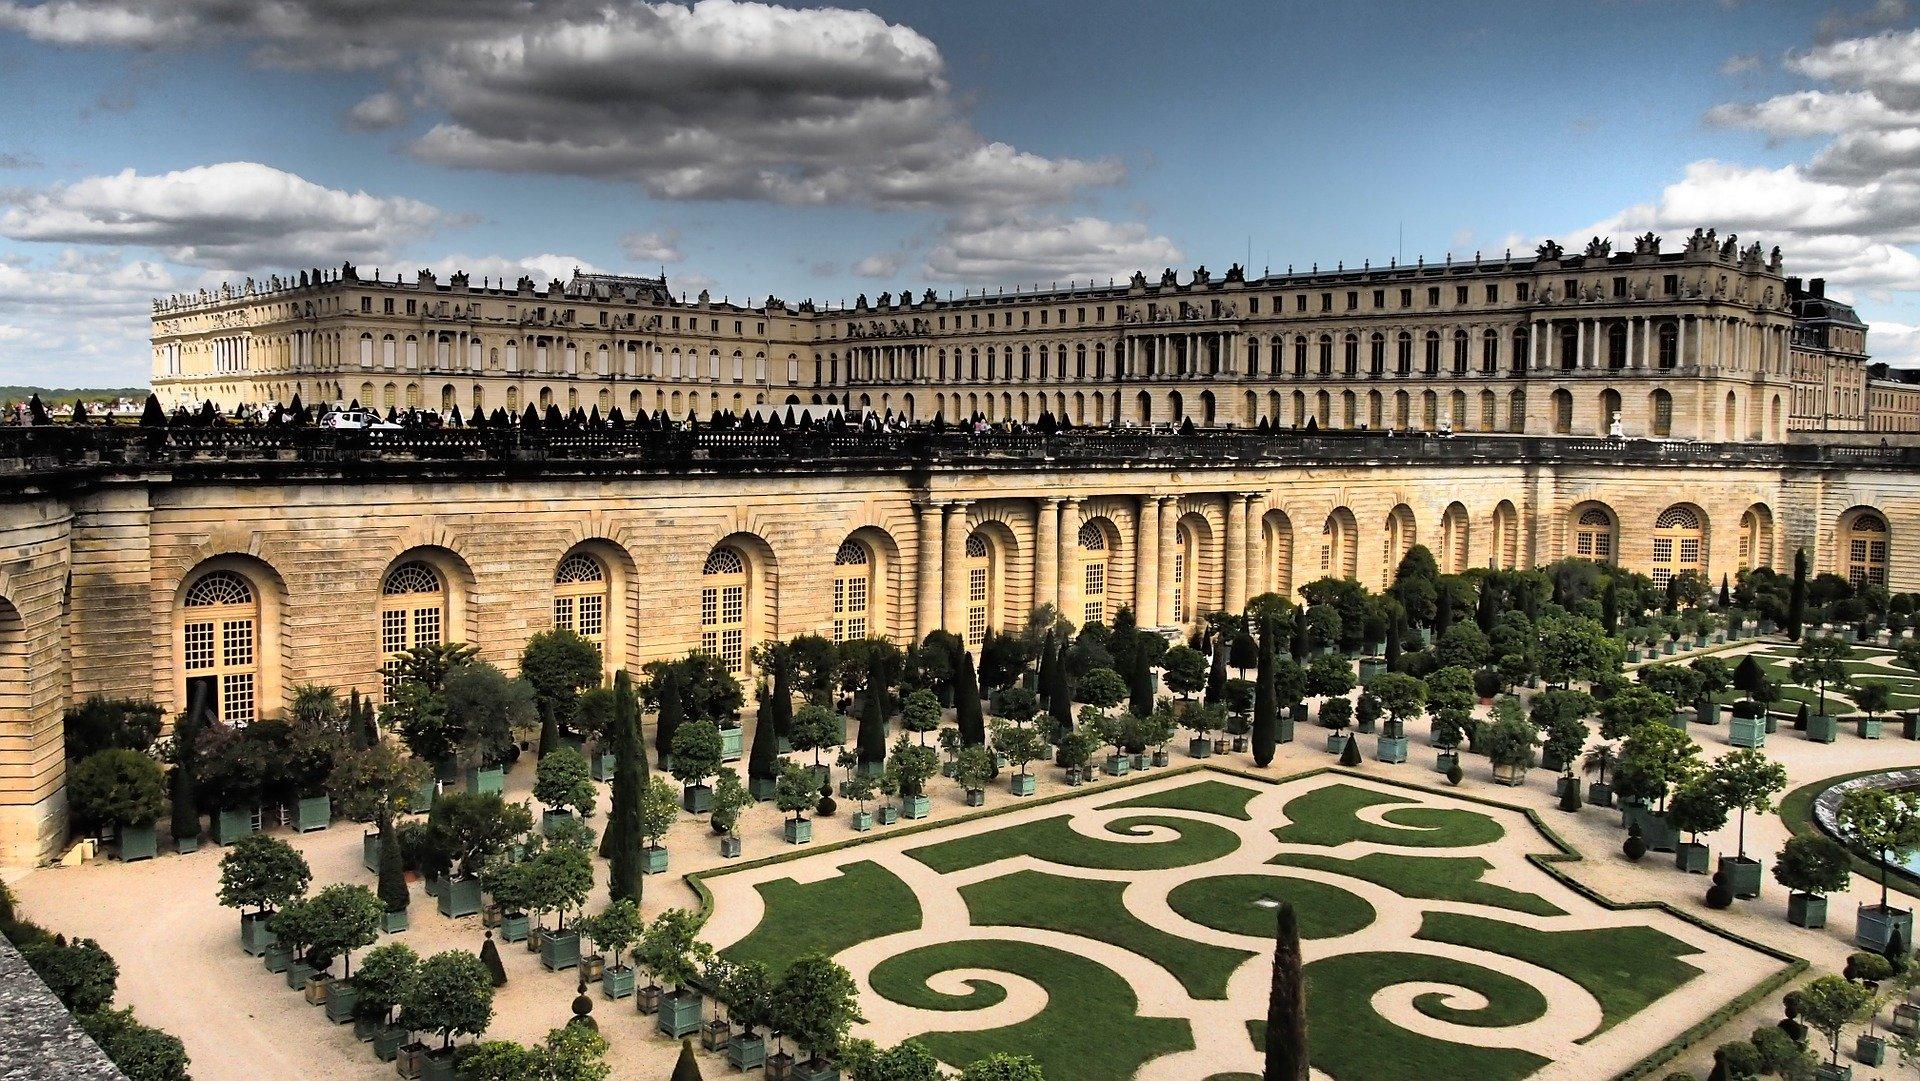 Main image of article: Versailles fait son show !